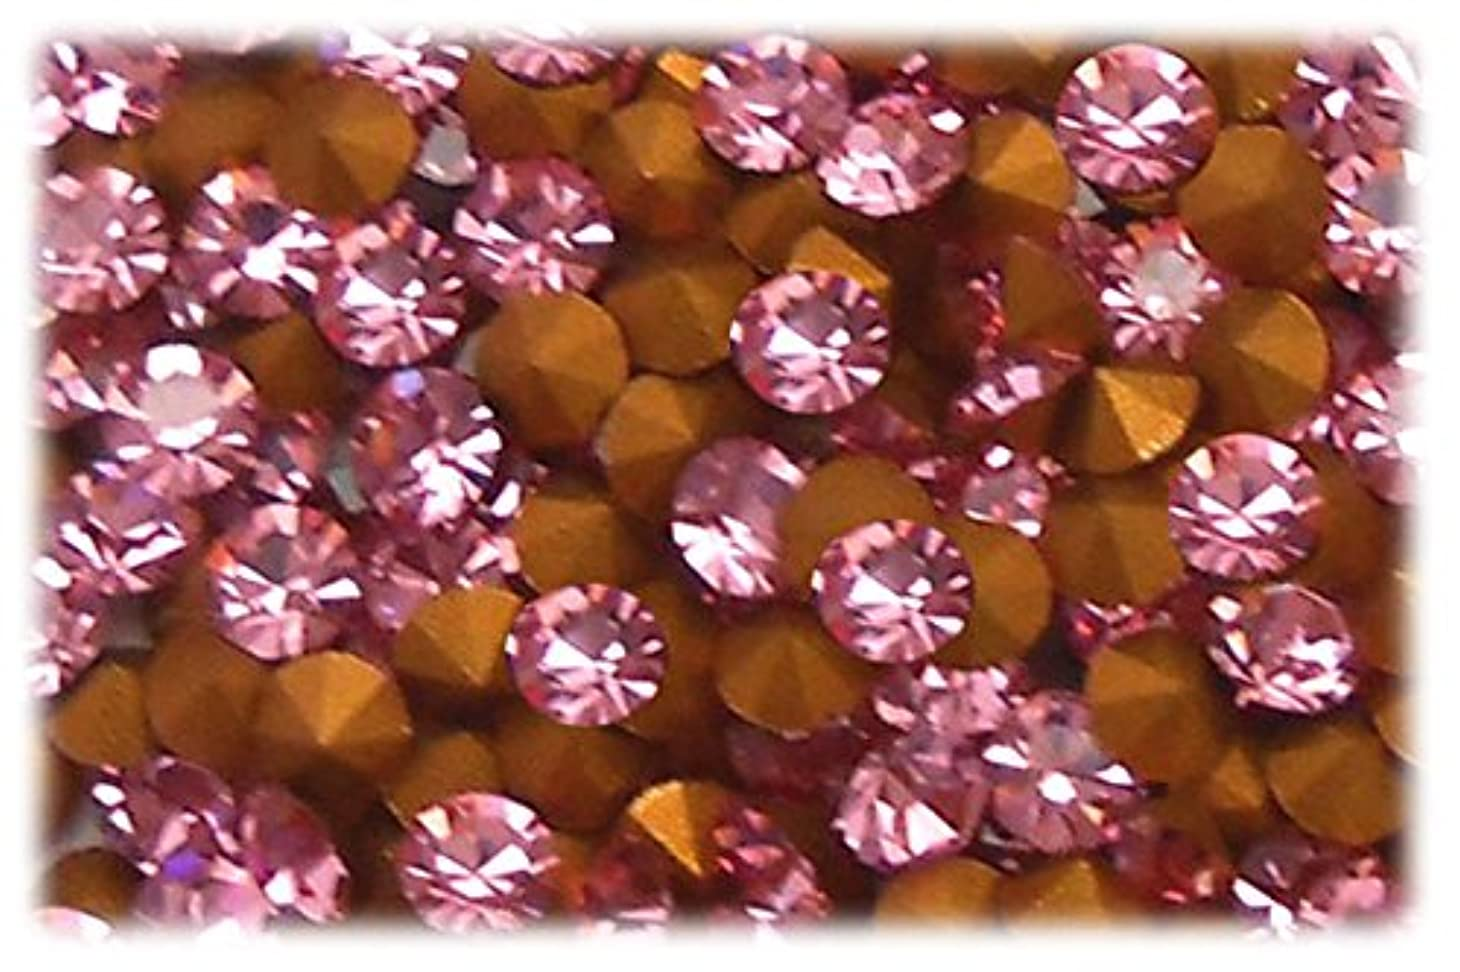 触覚鎮静剤手錠ラインストーン ピンク 1セット(40個入り)X3 サイズ約4.0mm pin-ss16